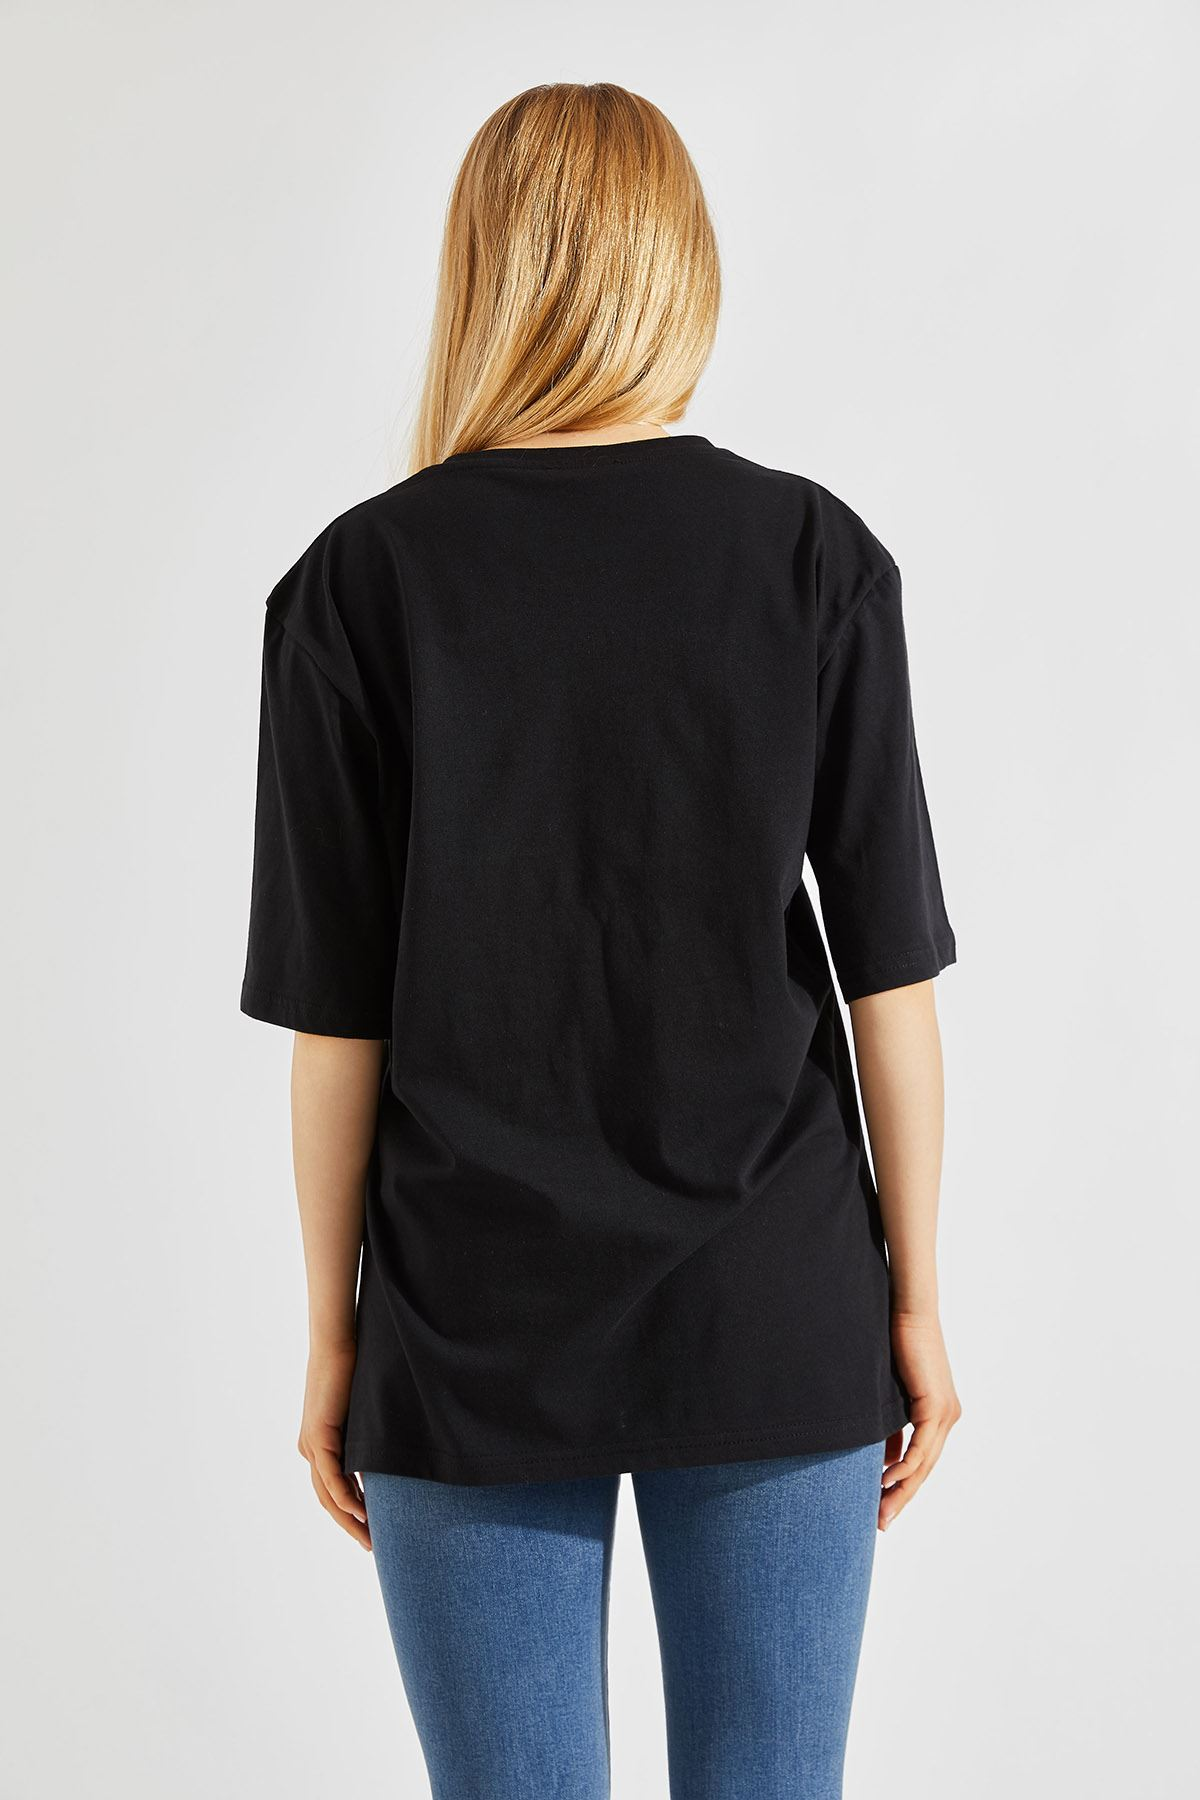 Kadın Oversize Bisiklet Yaka Siyah Tişört